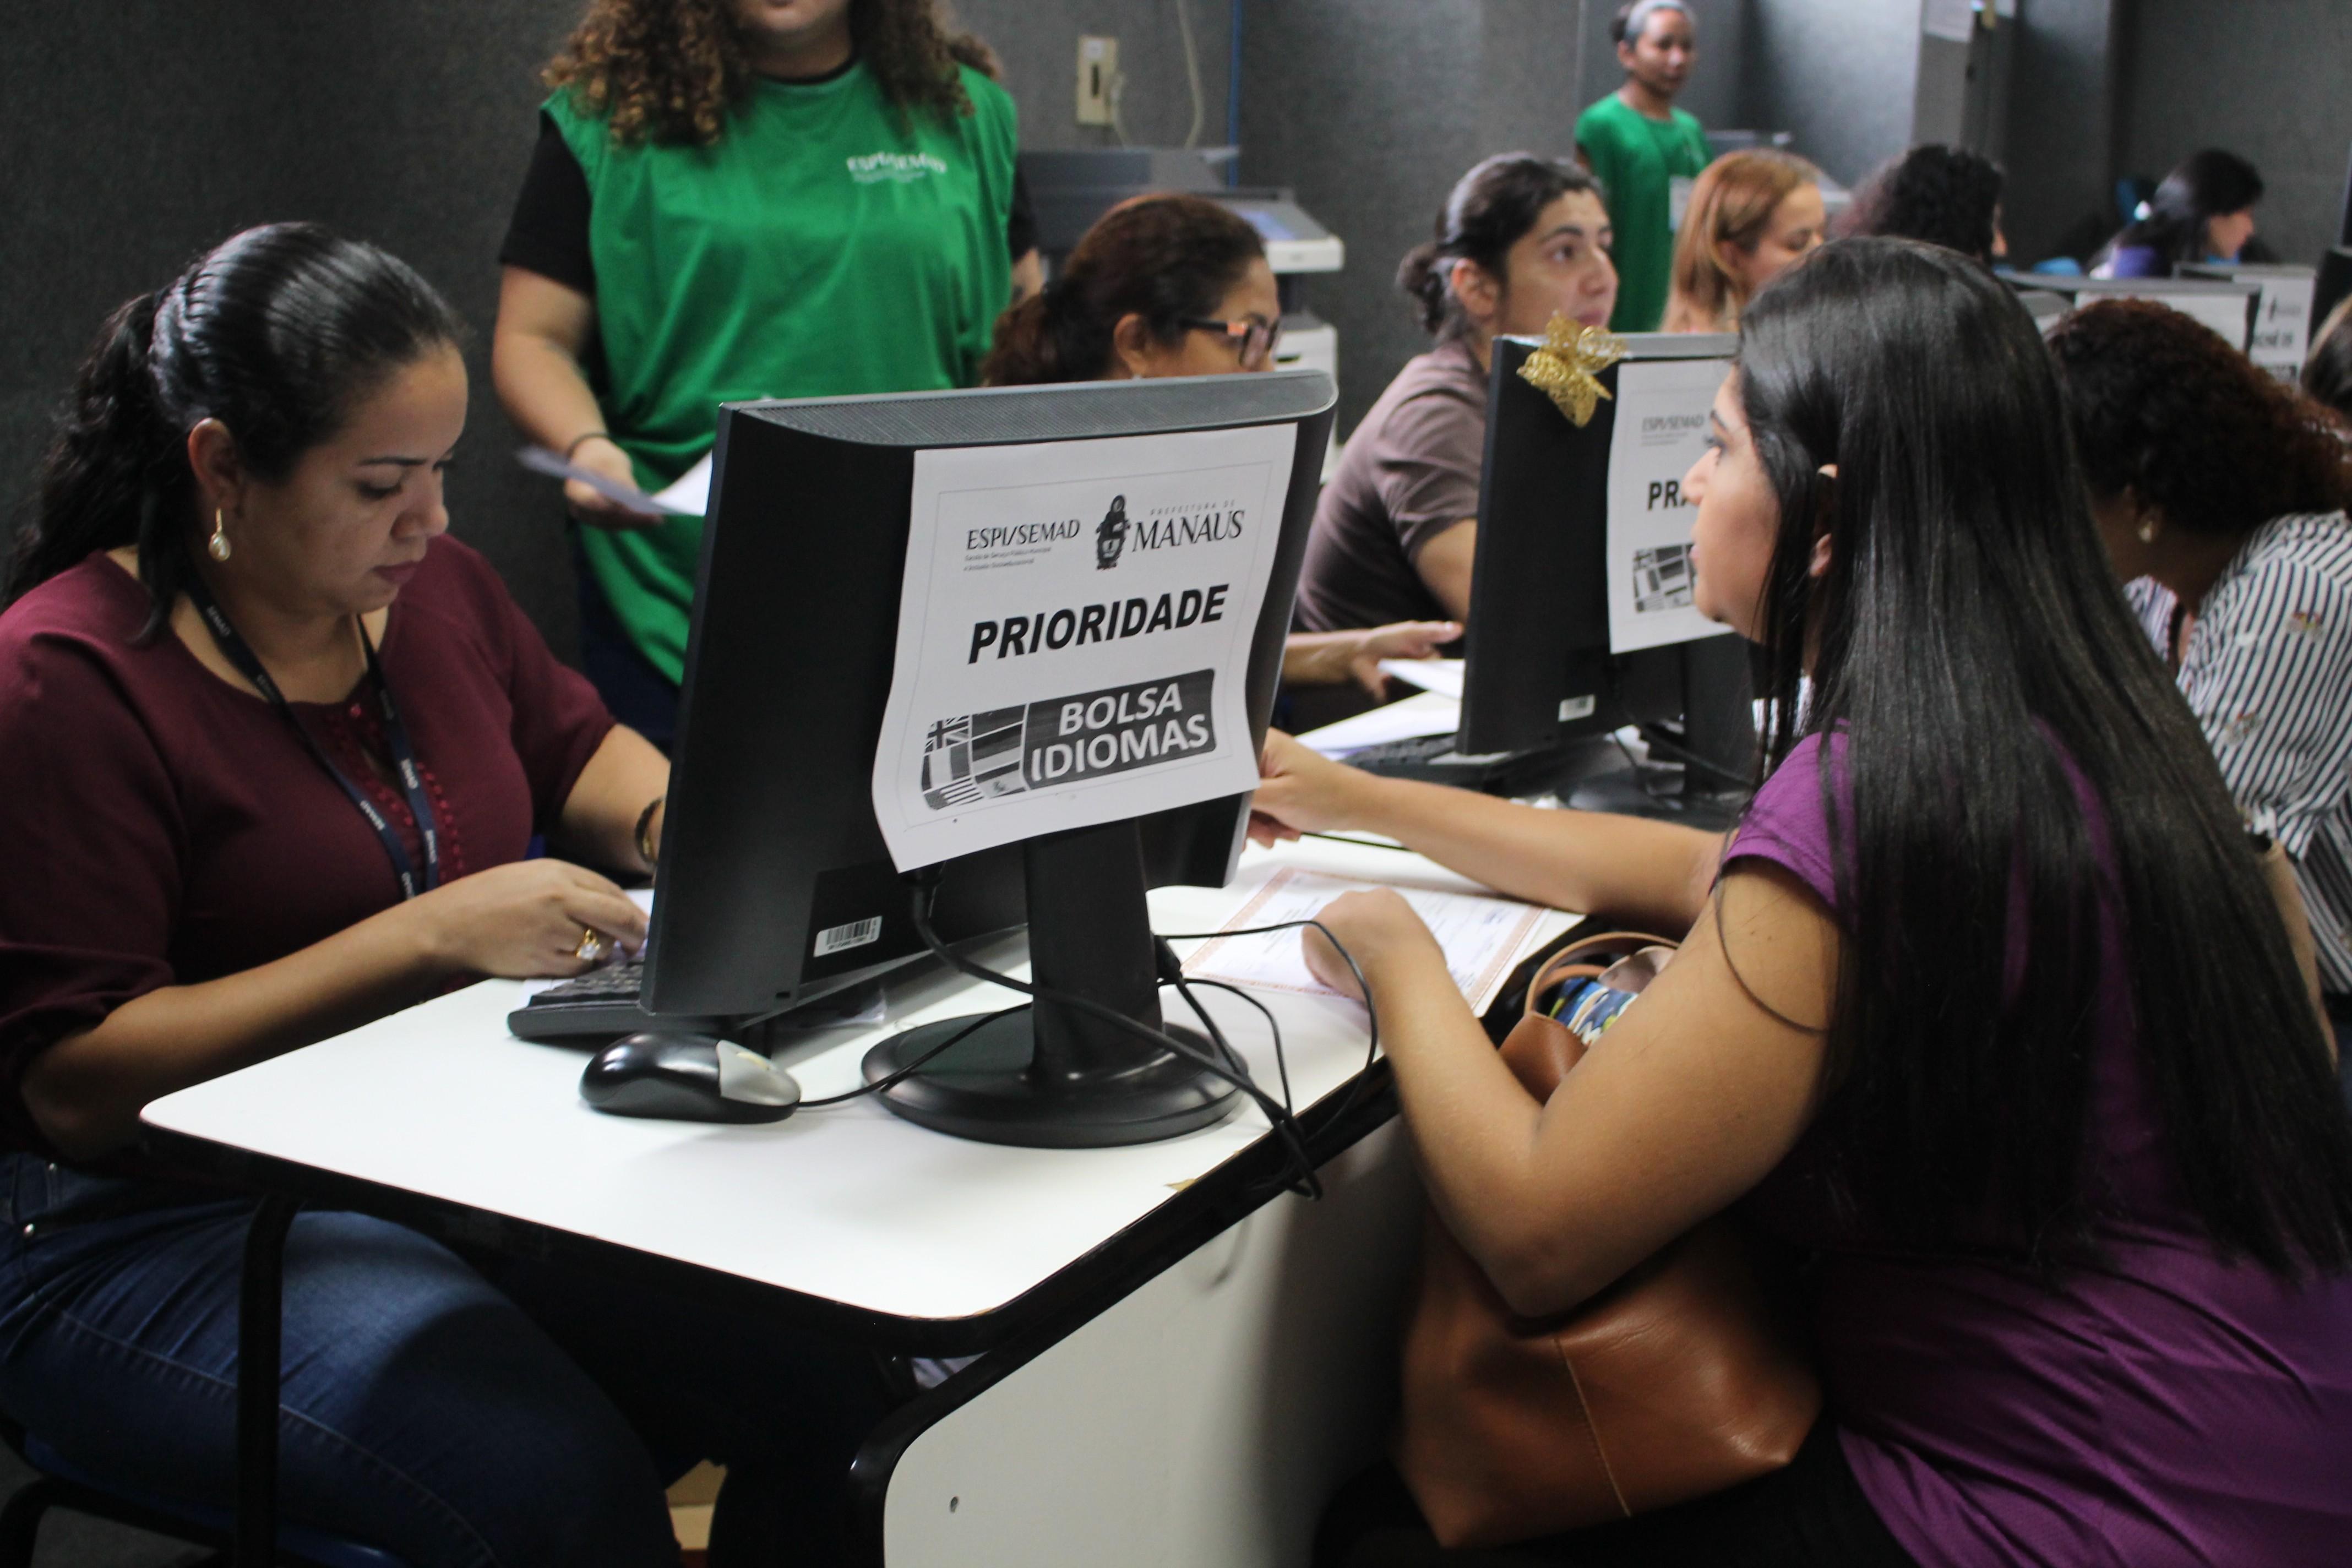 Prazo para entrega de documentação do Bolsa Idiomas termina nesta quinta-feira (18), em Manaus - Notícias - Plantão Diário